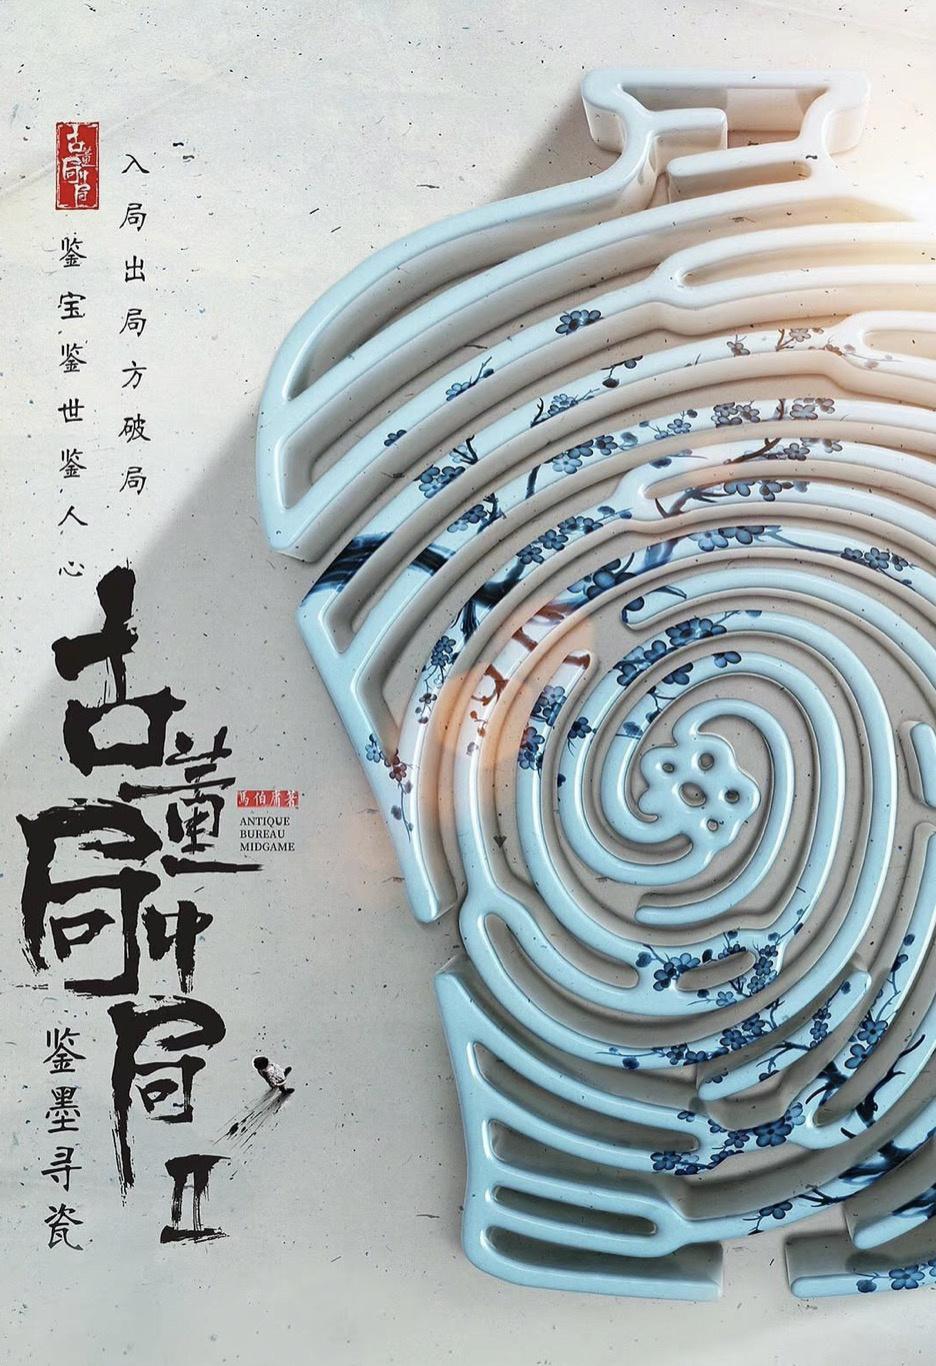 青岛旅游景点:未来看什么?杨幂朱一龙迪丽热巴的新剧在路上! 第6张